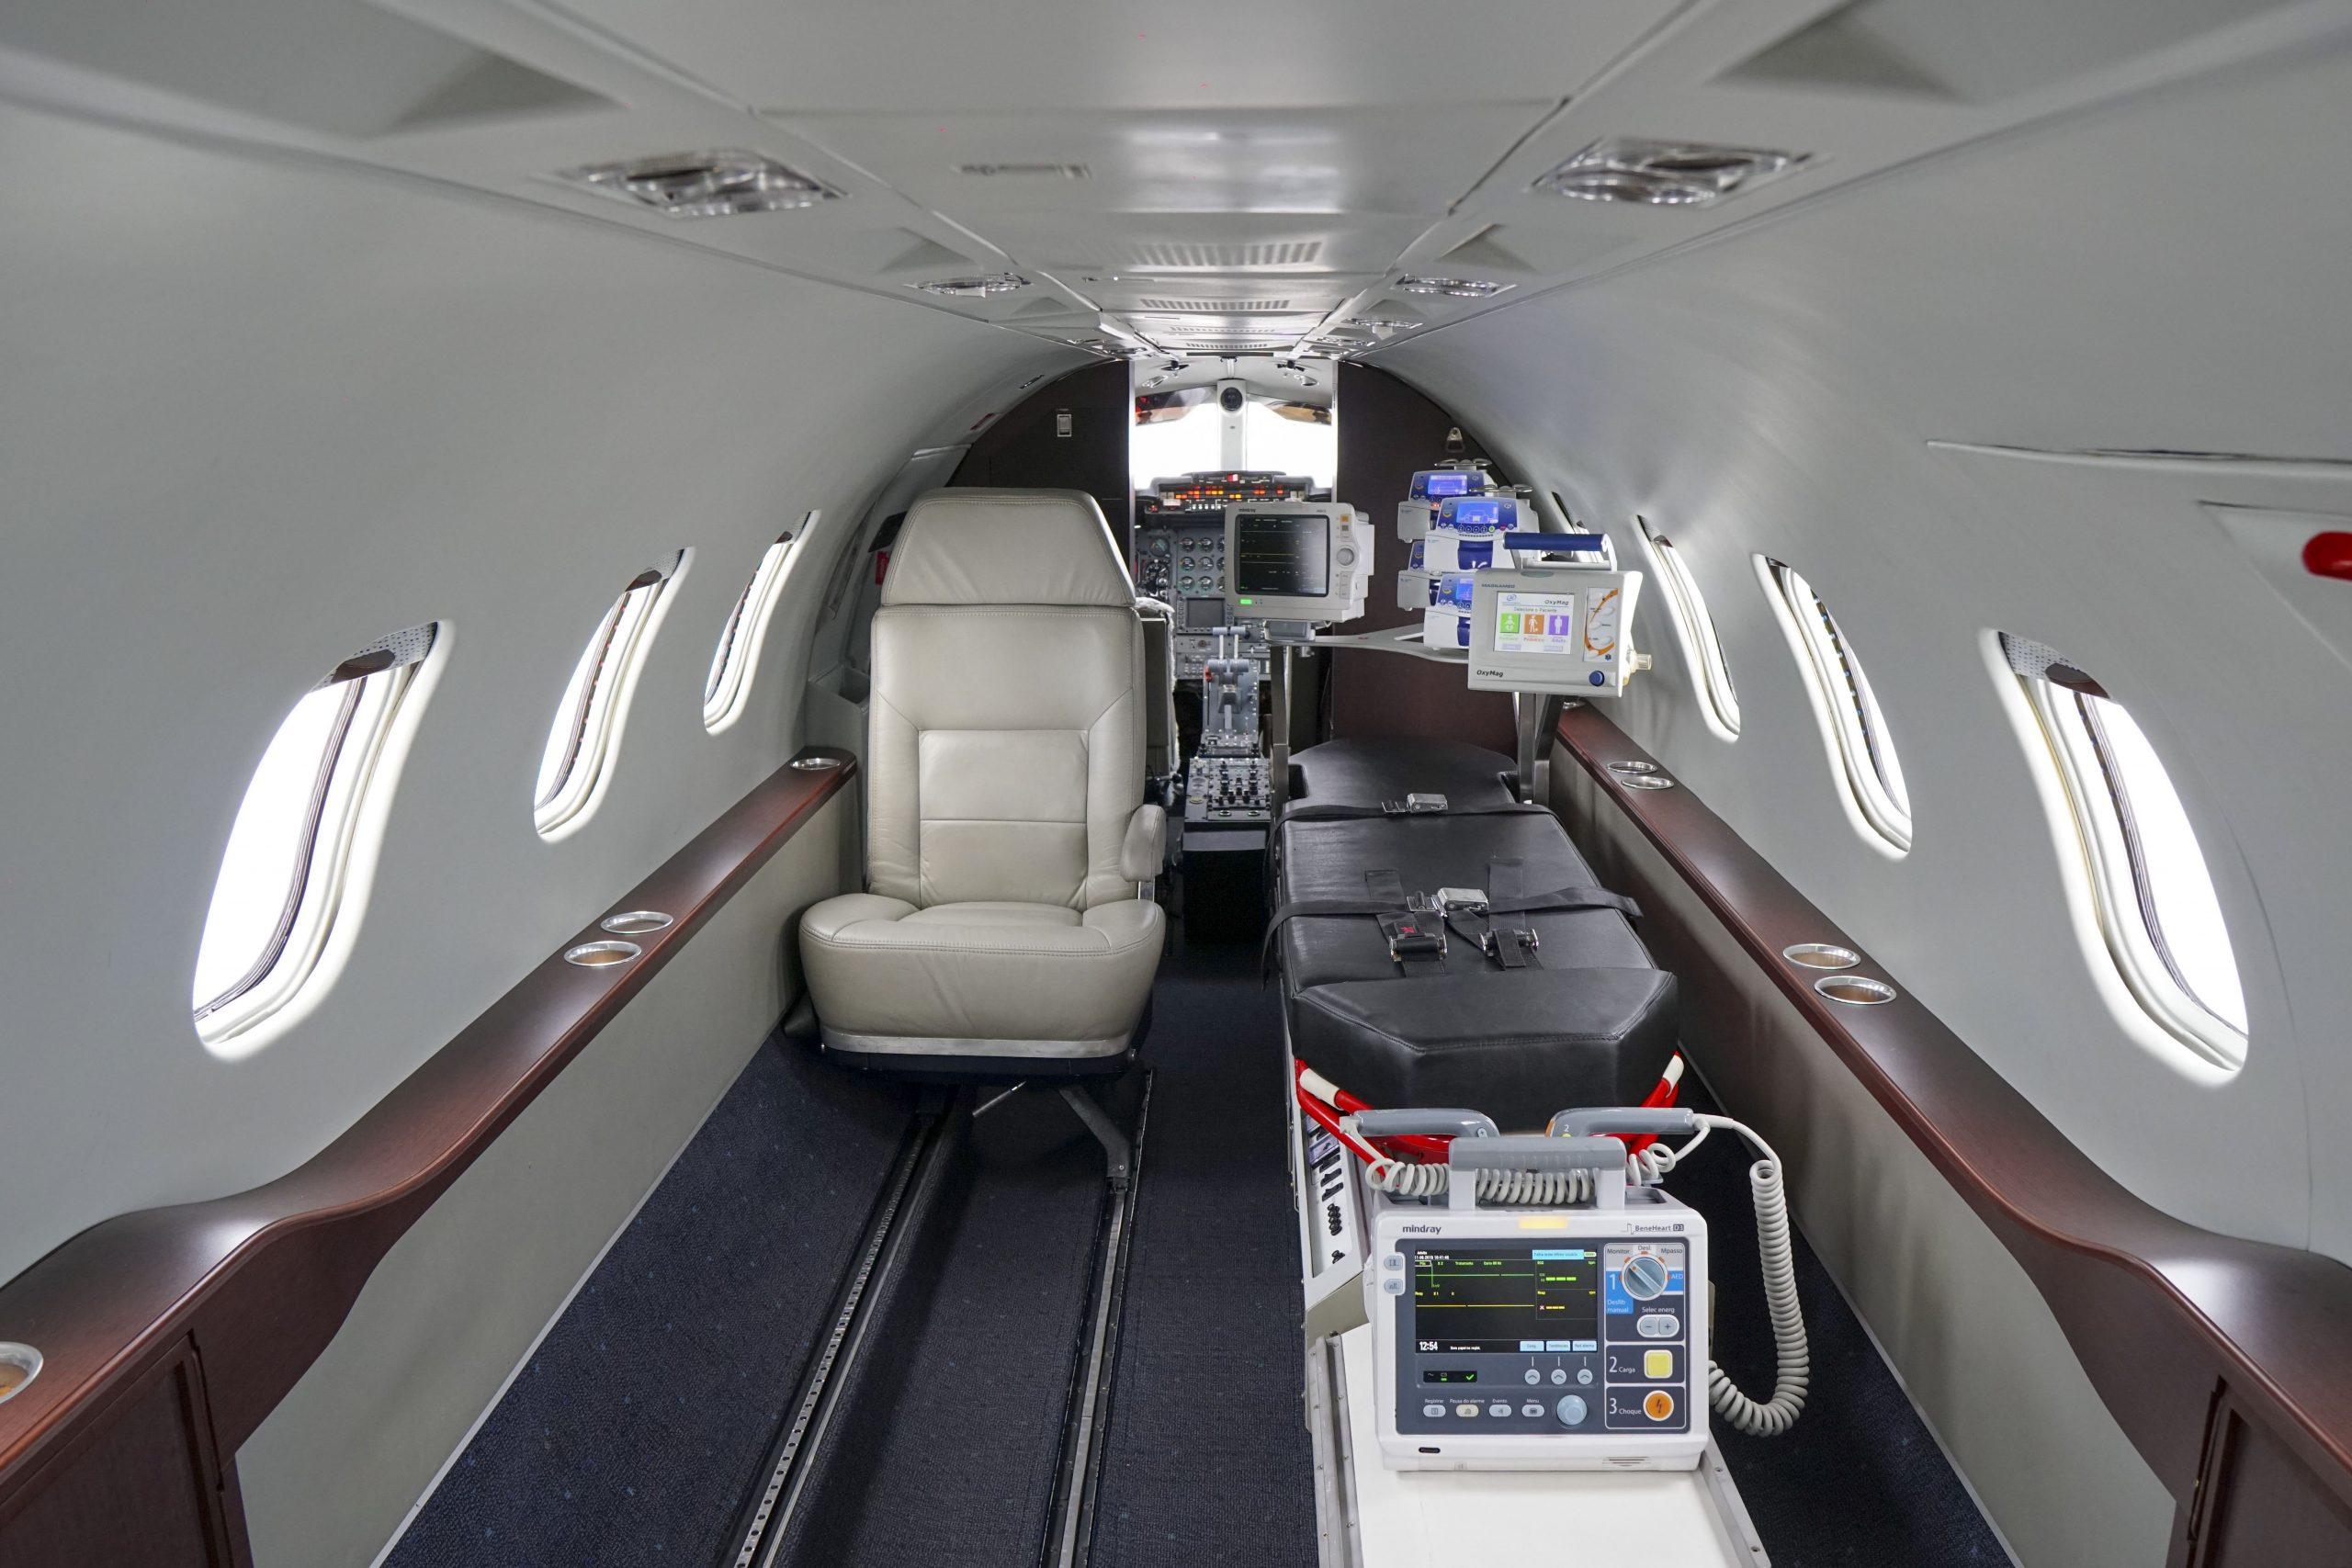 Contratando um Transporte Aeromédico